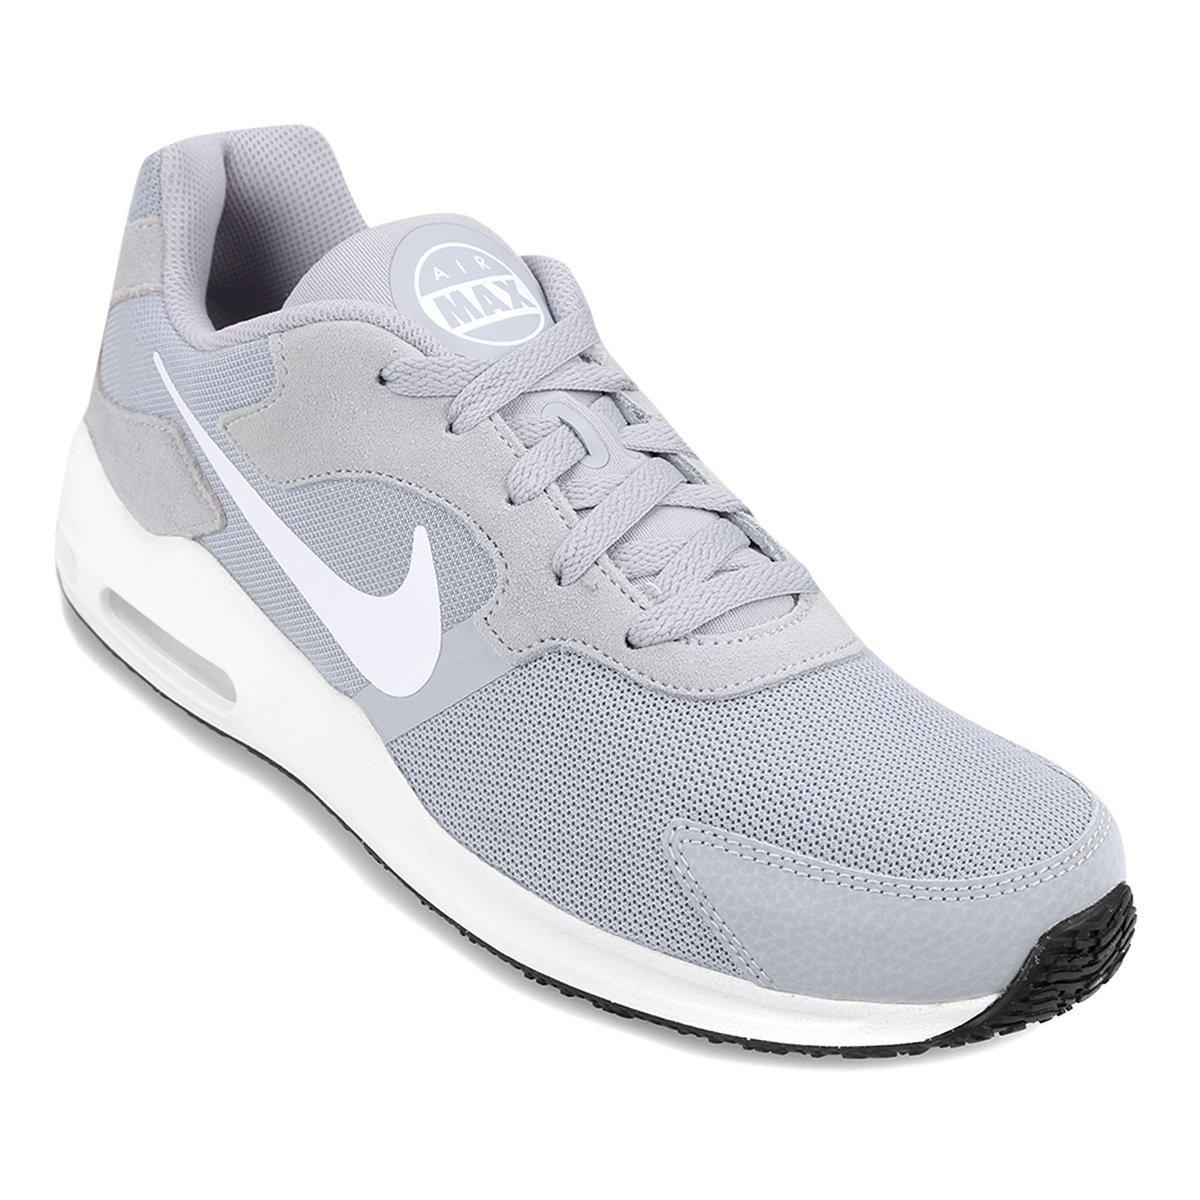 buy online dfb38 d70ca zapatillas nike air max guile hombre - gris + blanco. Cargando zoom.